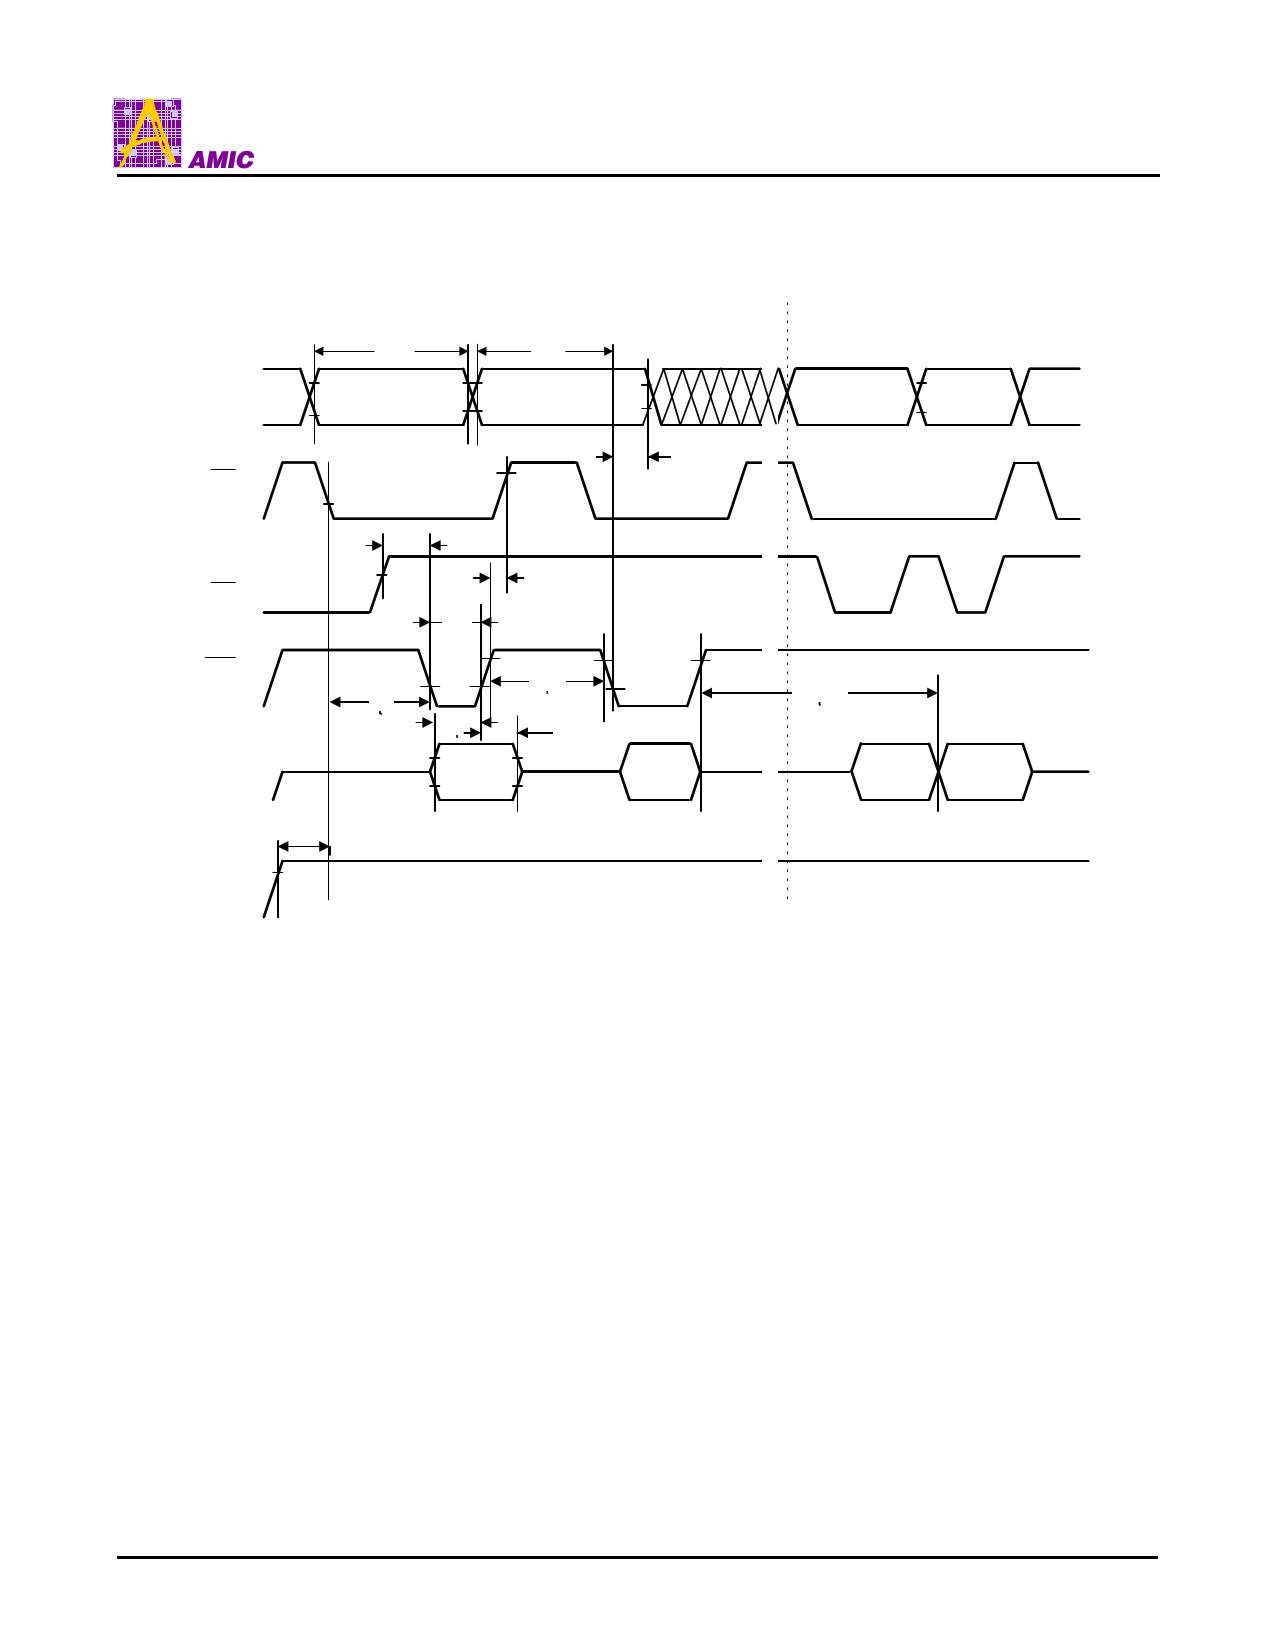 A29001T-90 transistor, igbt